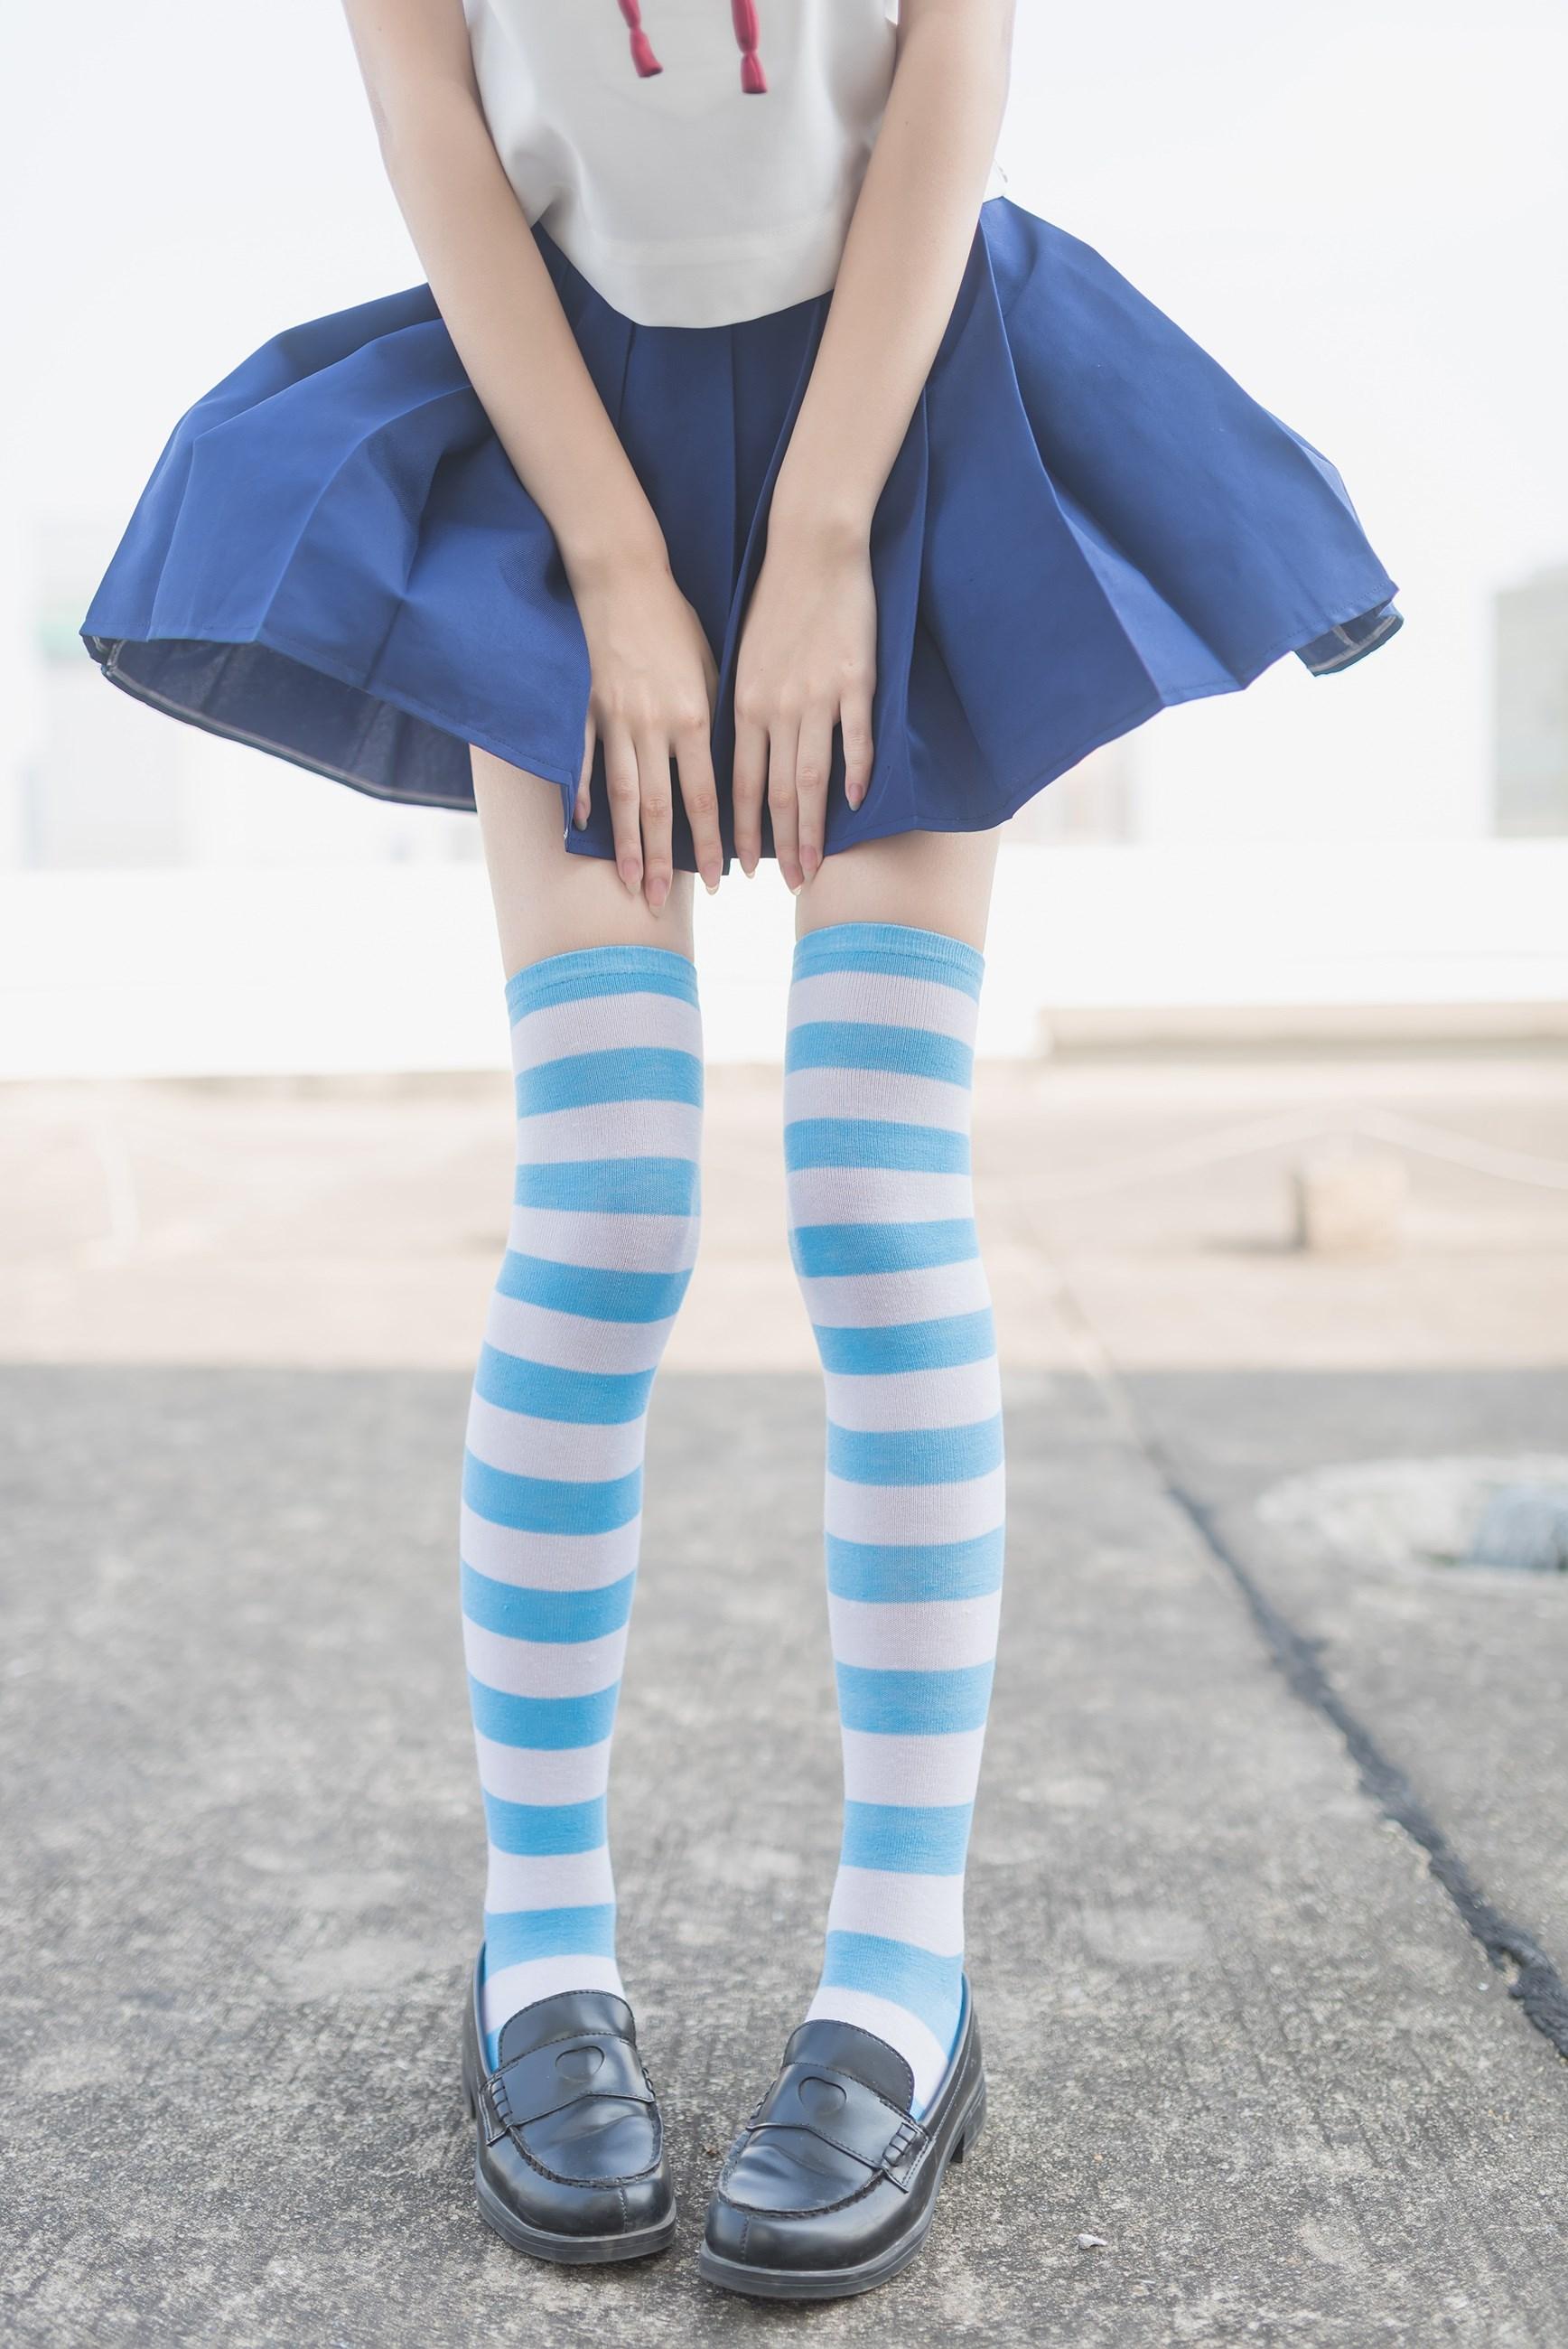 【兔玩映画】蓝白条纹的小细腿 兔玩映画 第1张